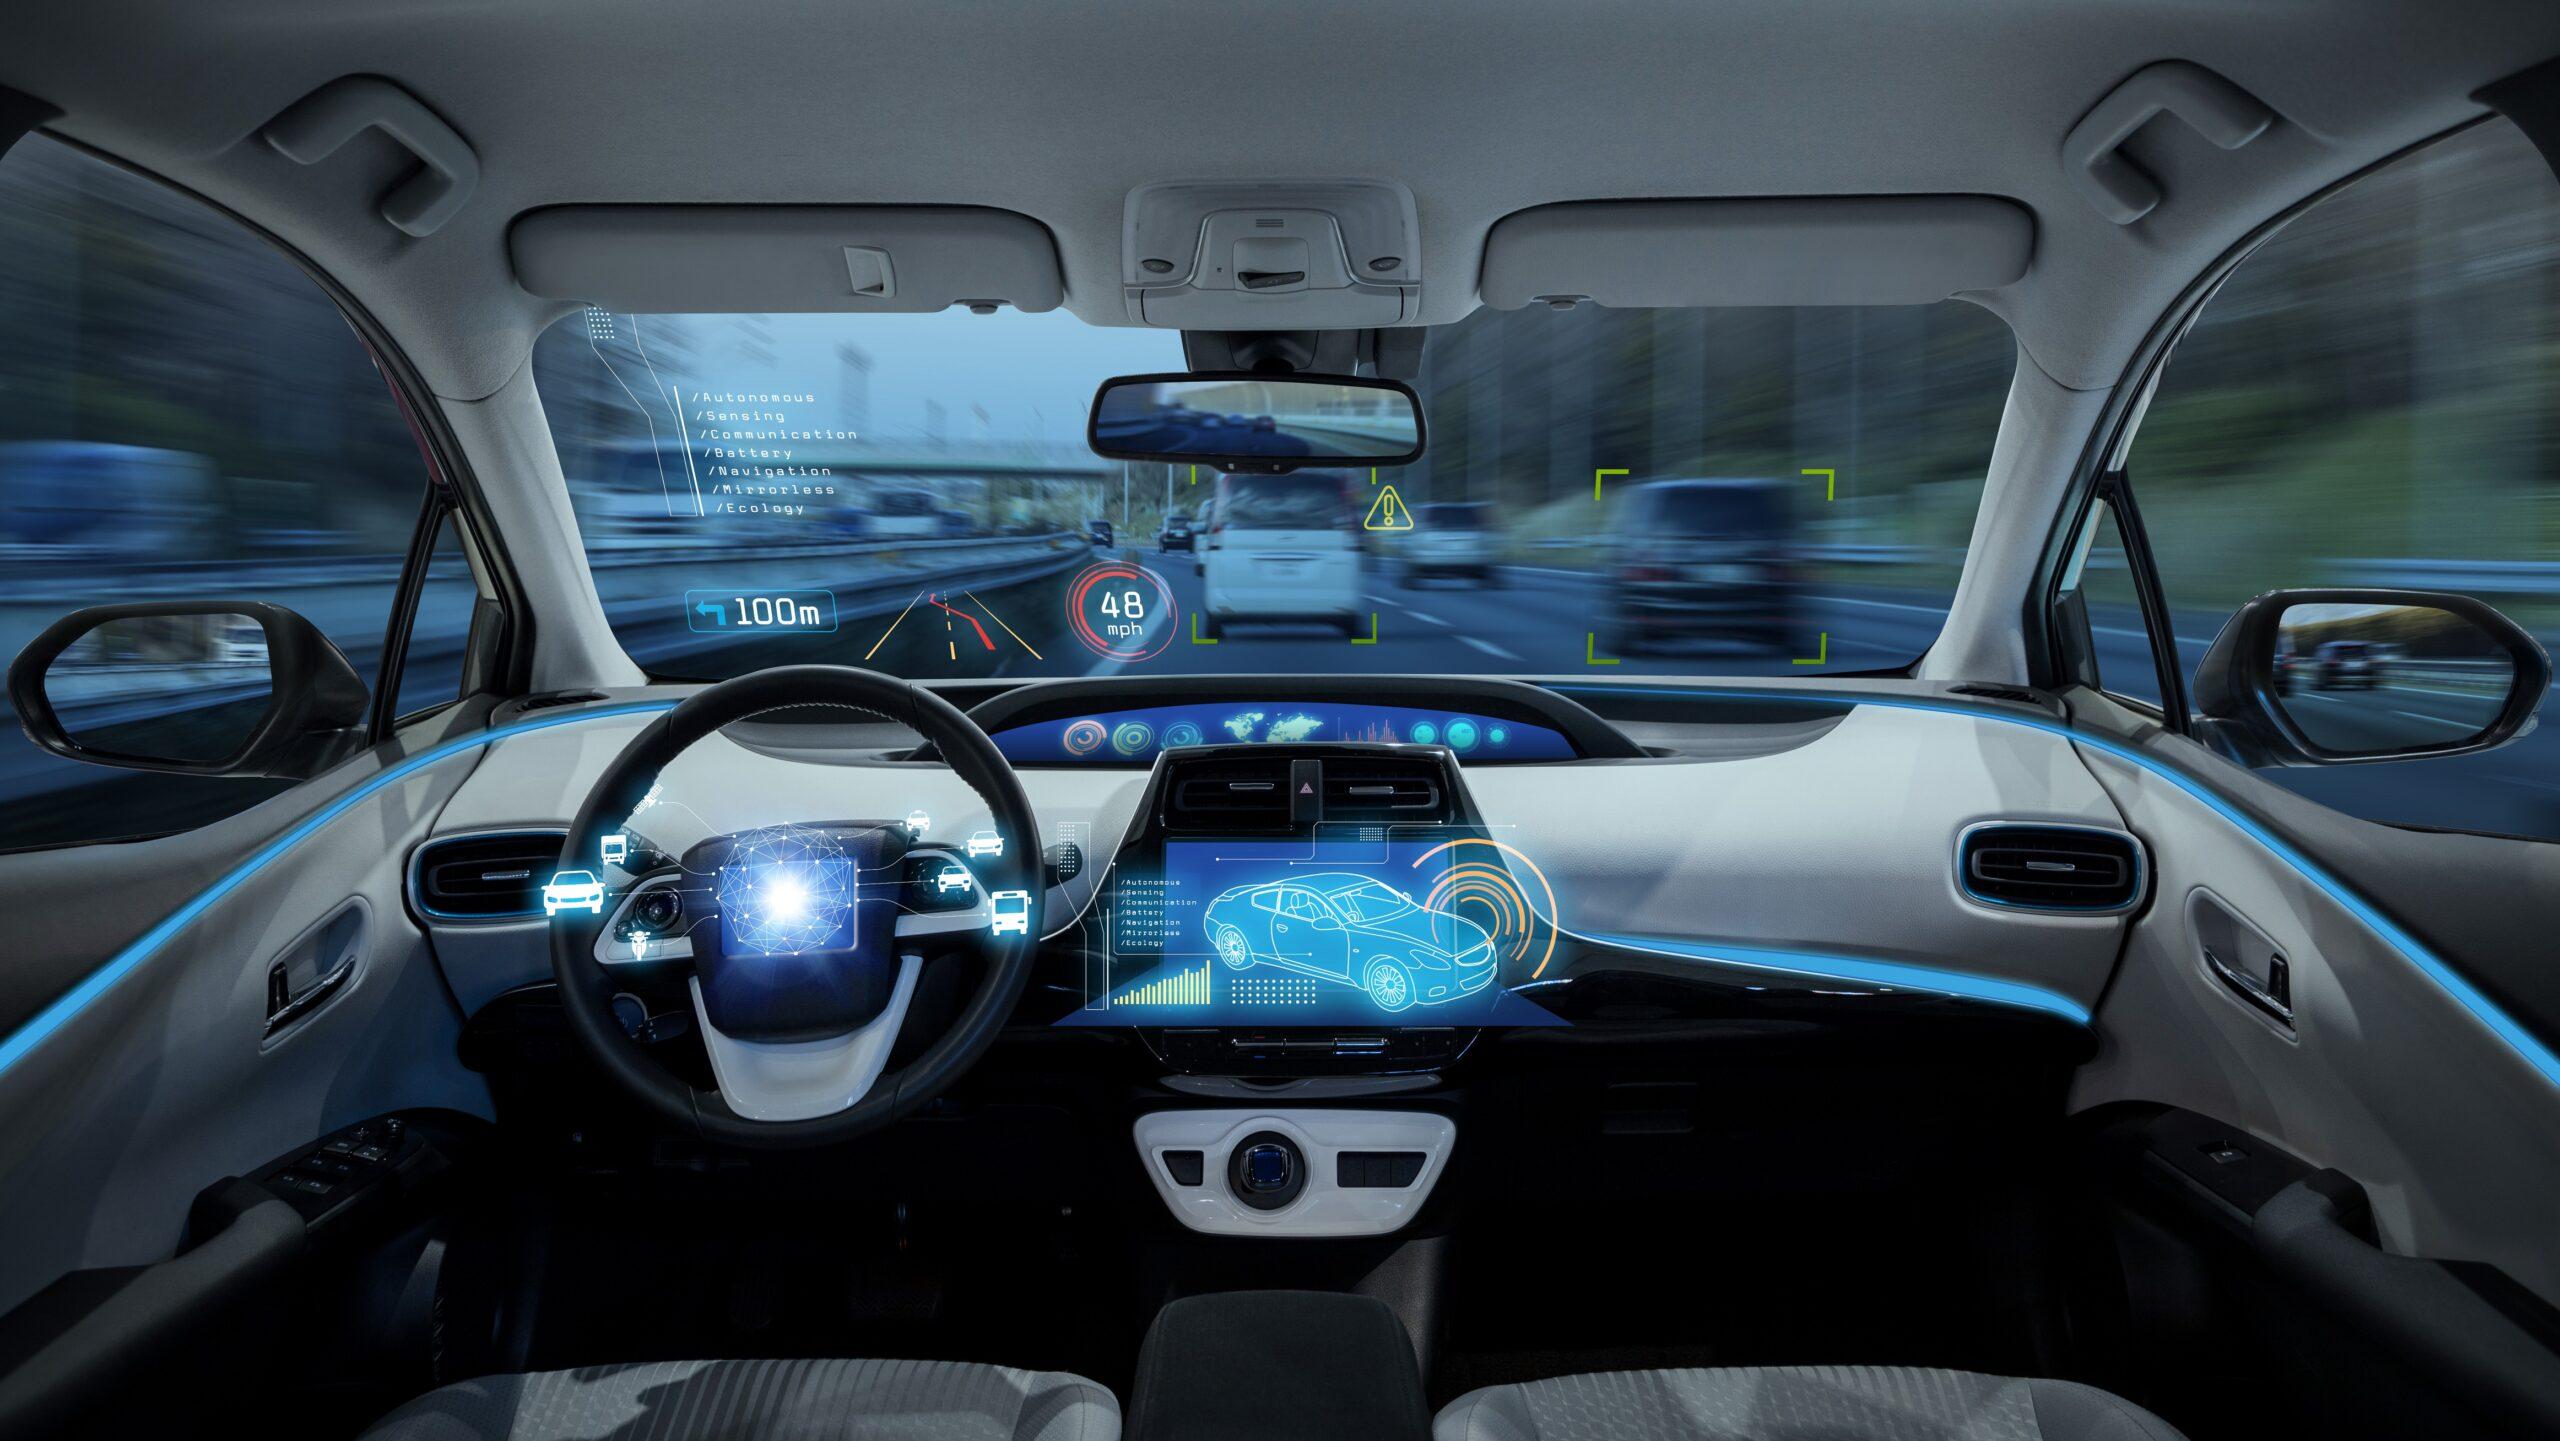 České firmy jsou premianty v telematice, podle Arvalu ji používá více než třetina autoparků